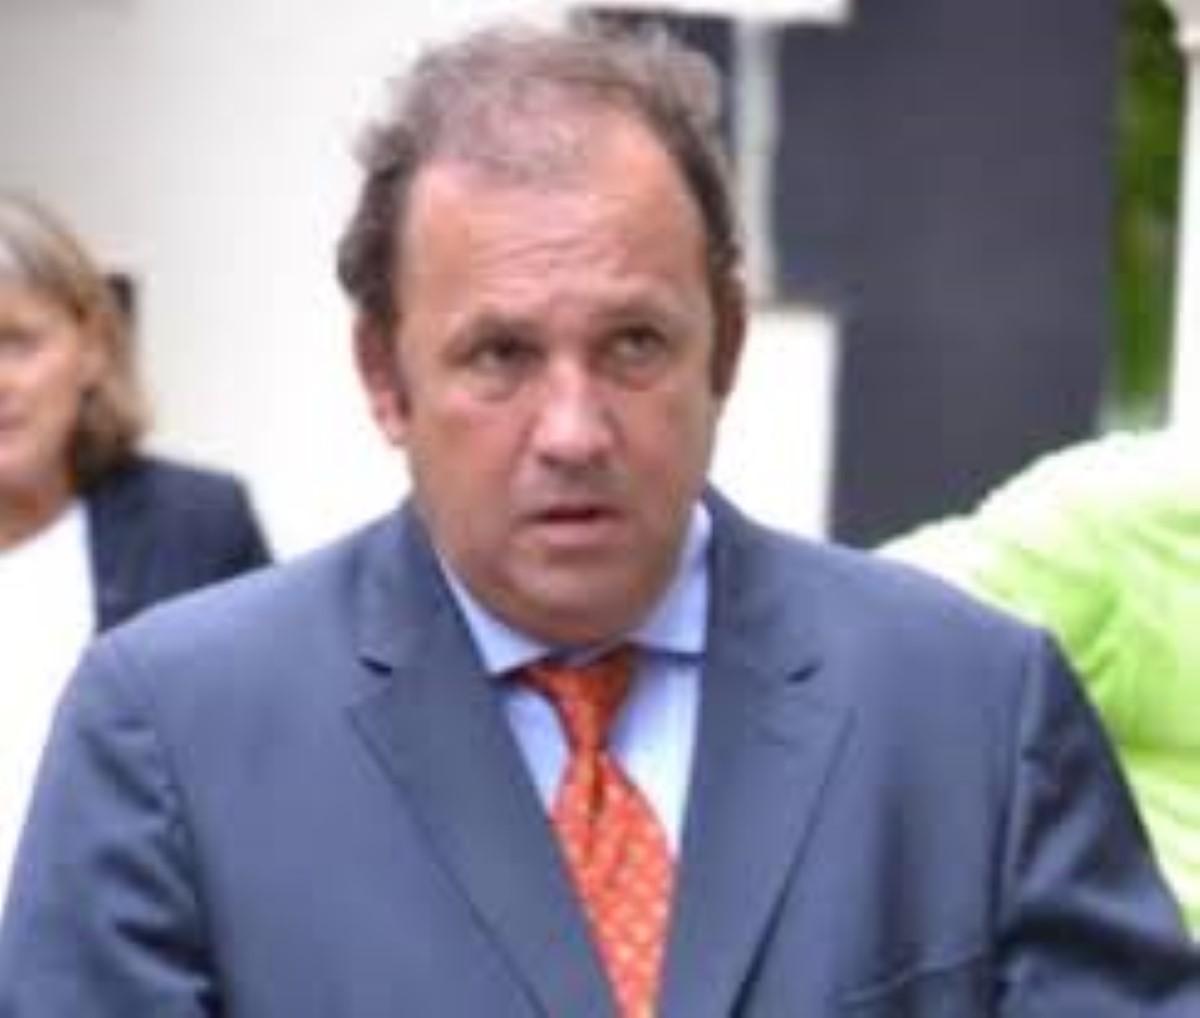 Les employés de l'usine Tex Knits Ltd de Bernard Maigrot se retrouvent sans salaire